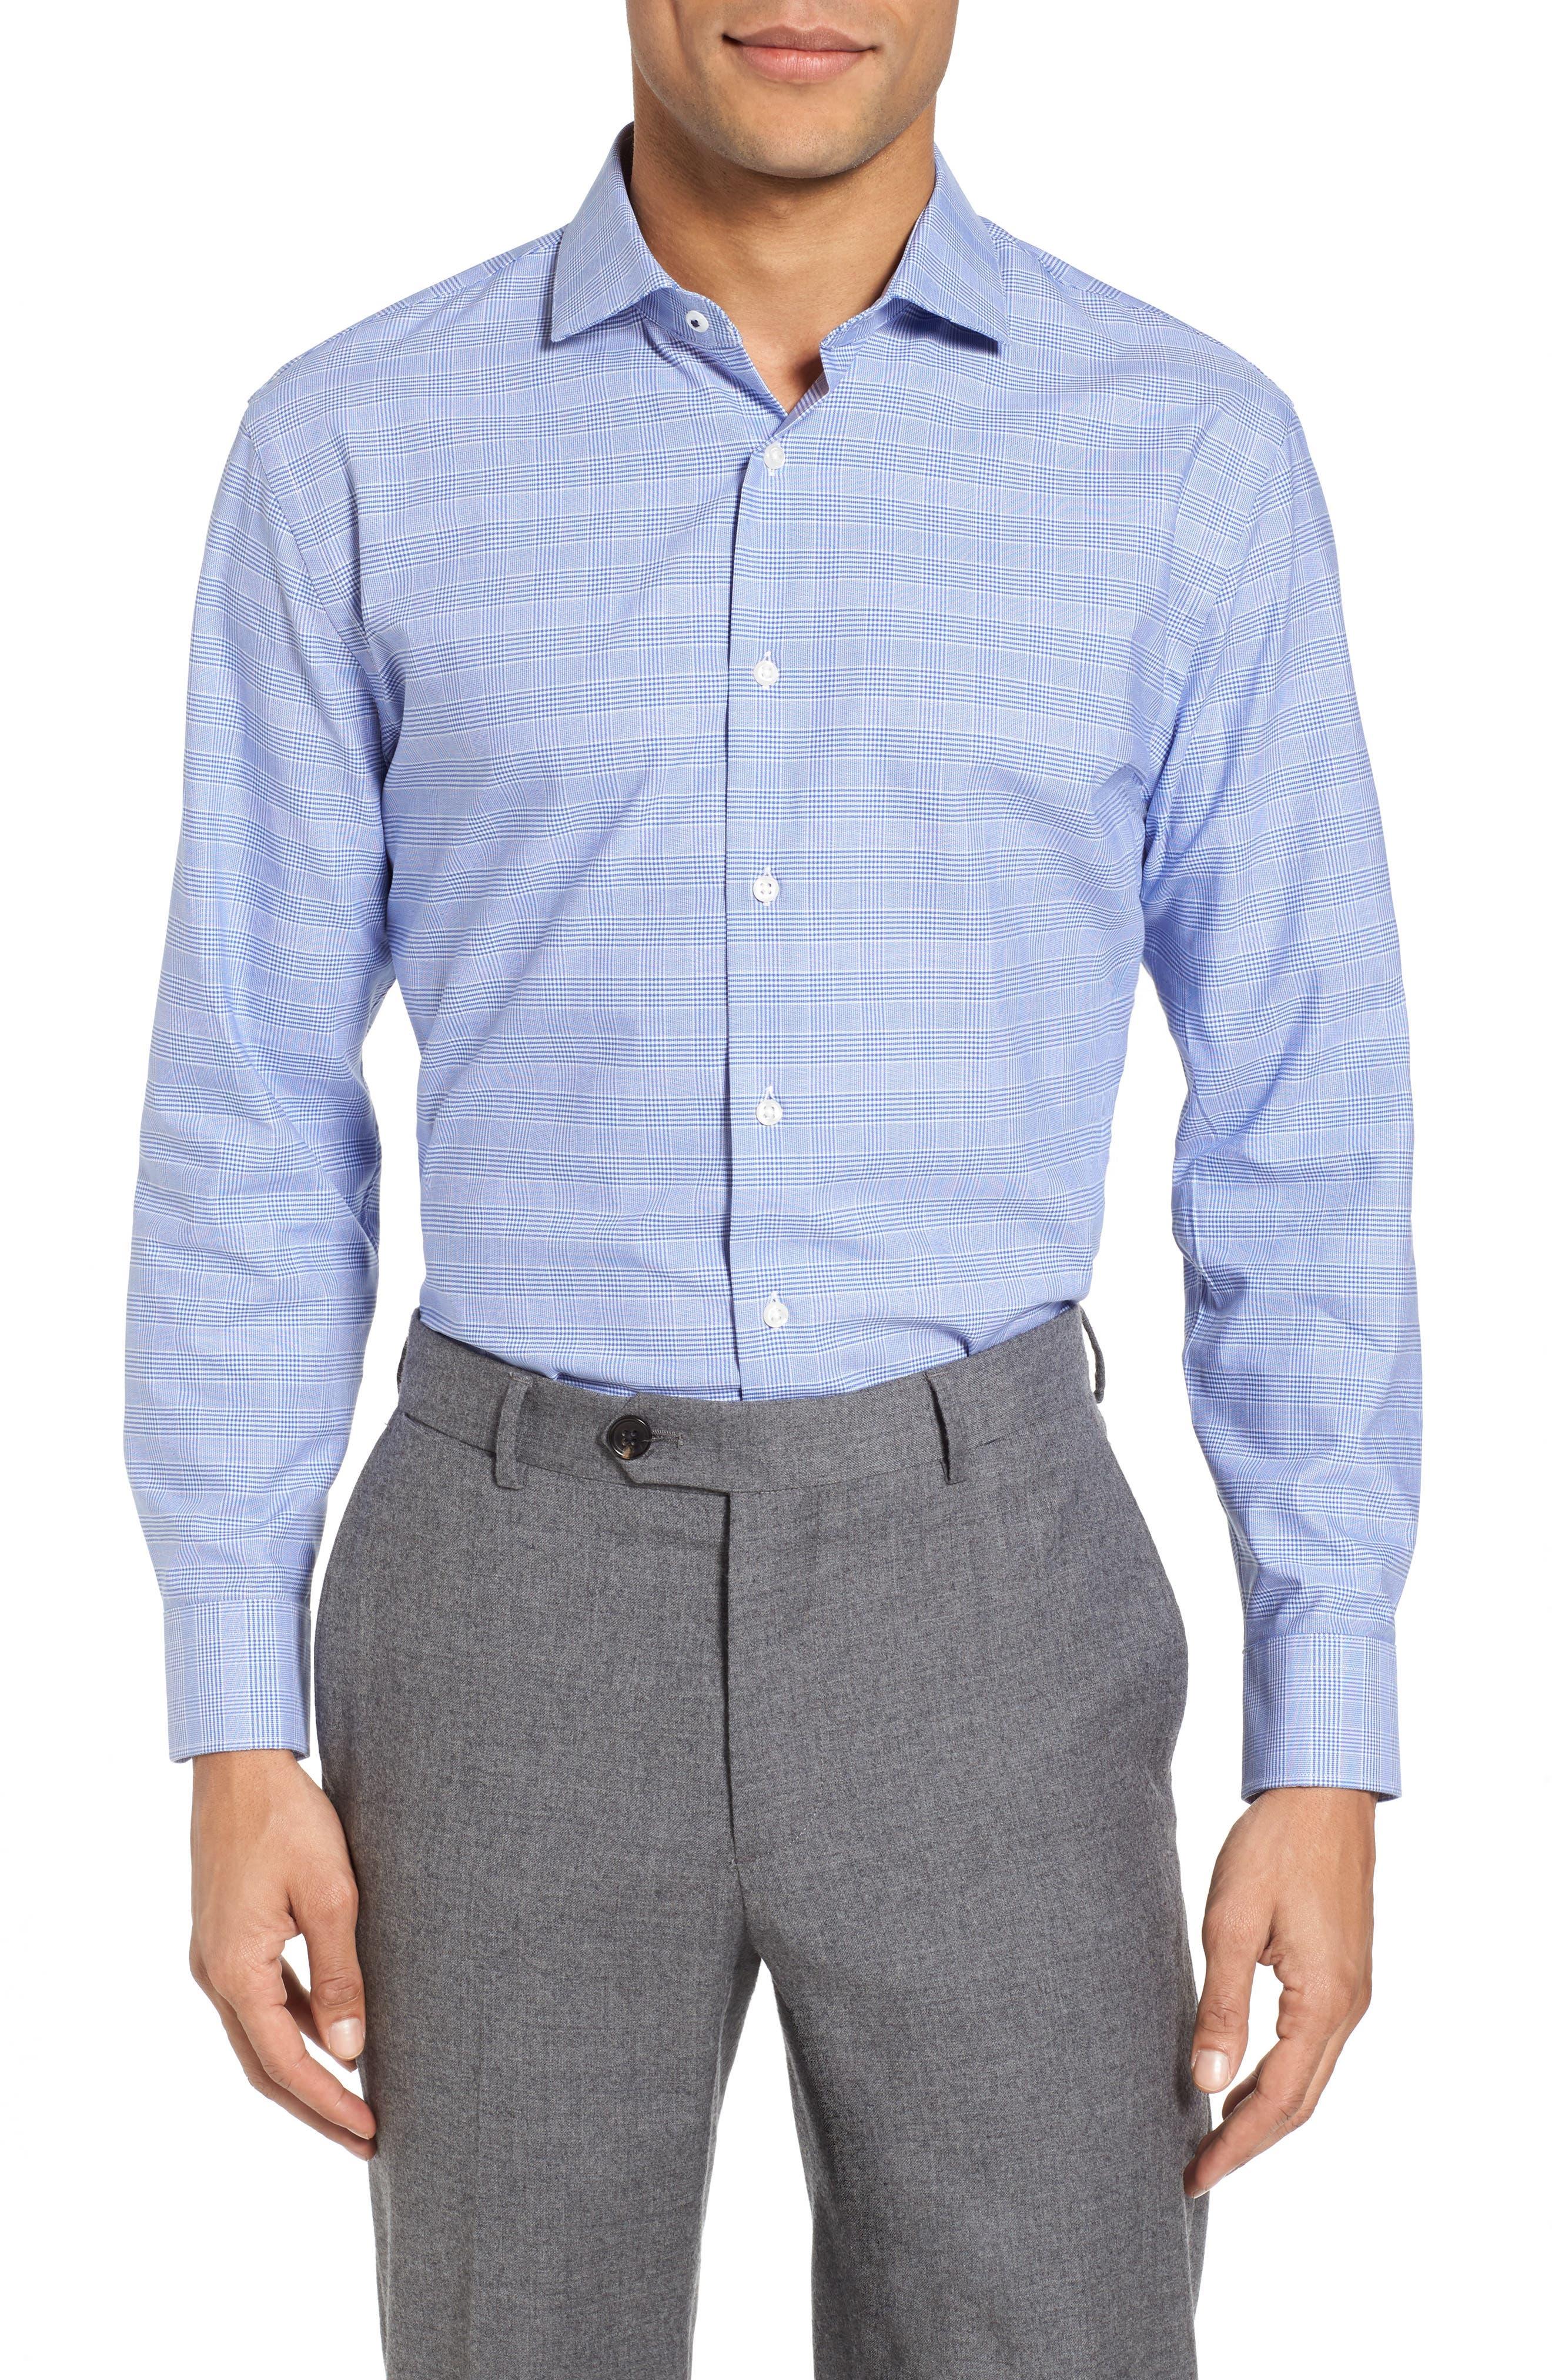 Tech-Smart Trim Fit Stretch Plaid Dress Shirt,                             Main thumbnail 2, color,